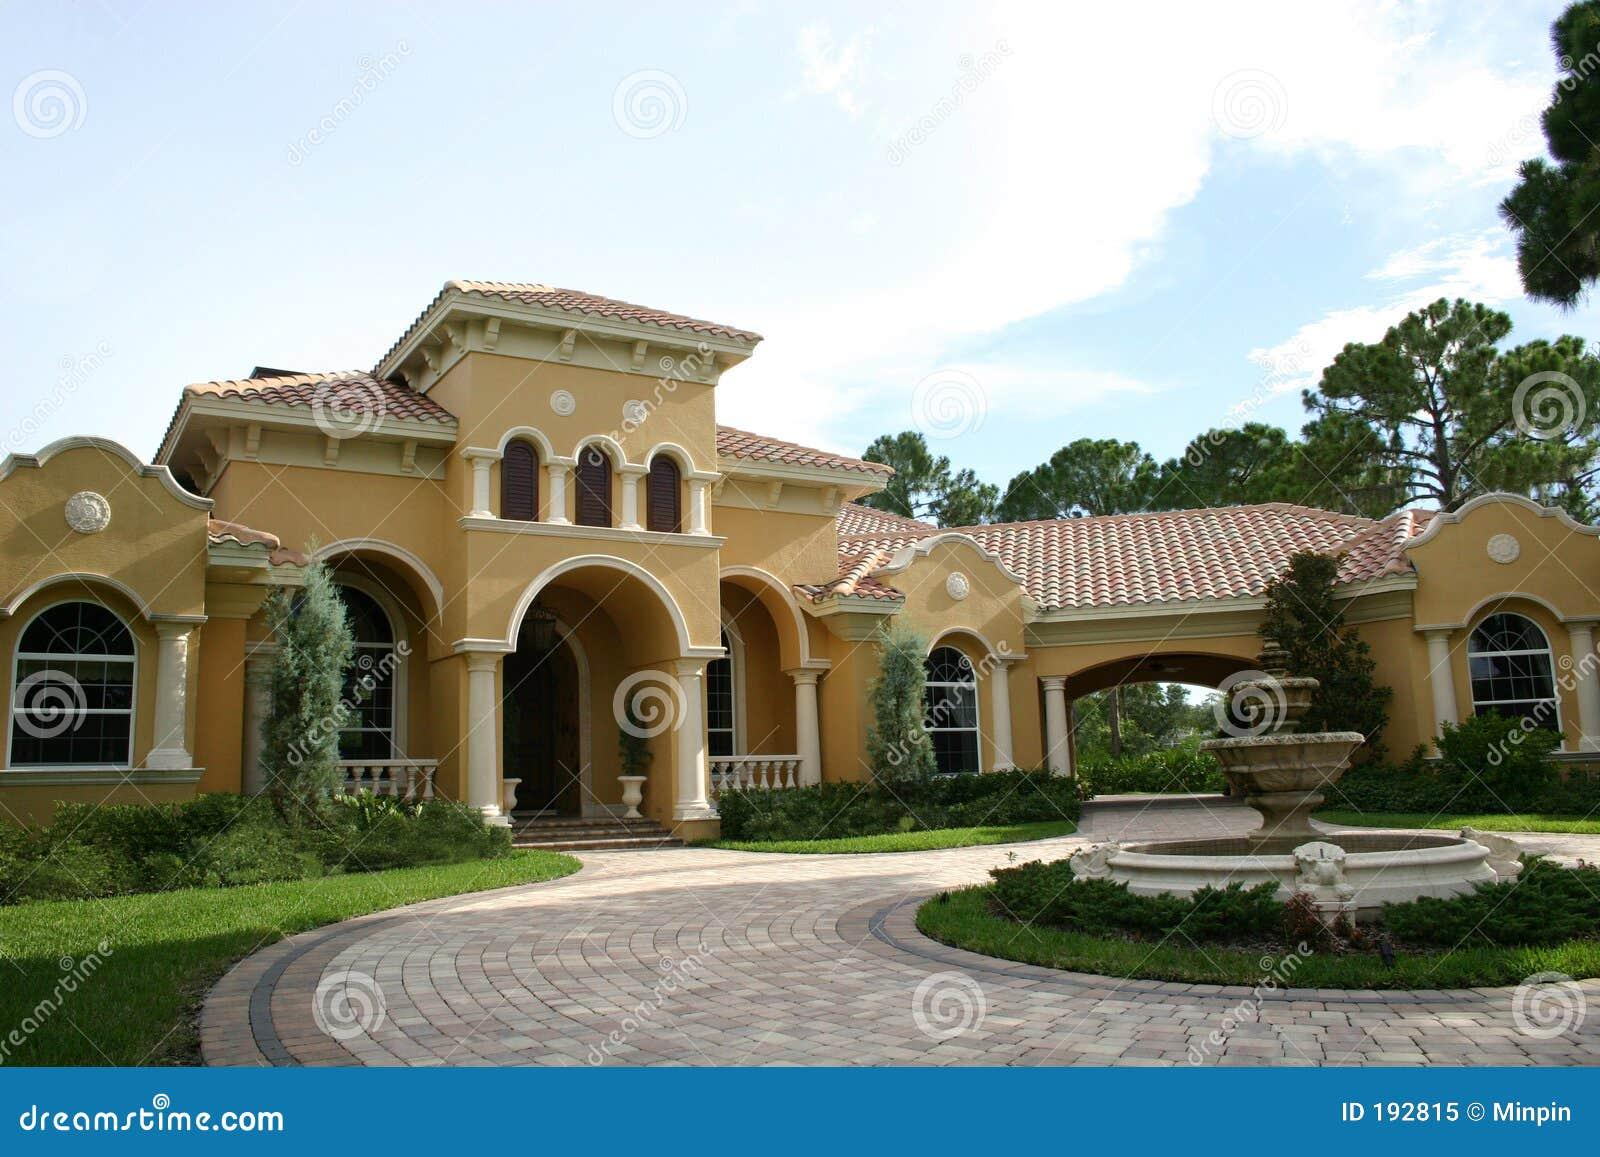 Image Architecture Maison Residence Luxueuse Moderne : Maison luxueuse image stock du circulaire séparé